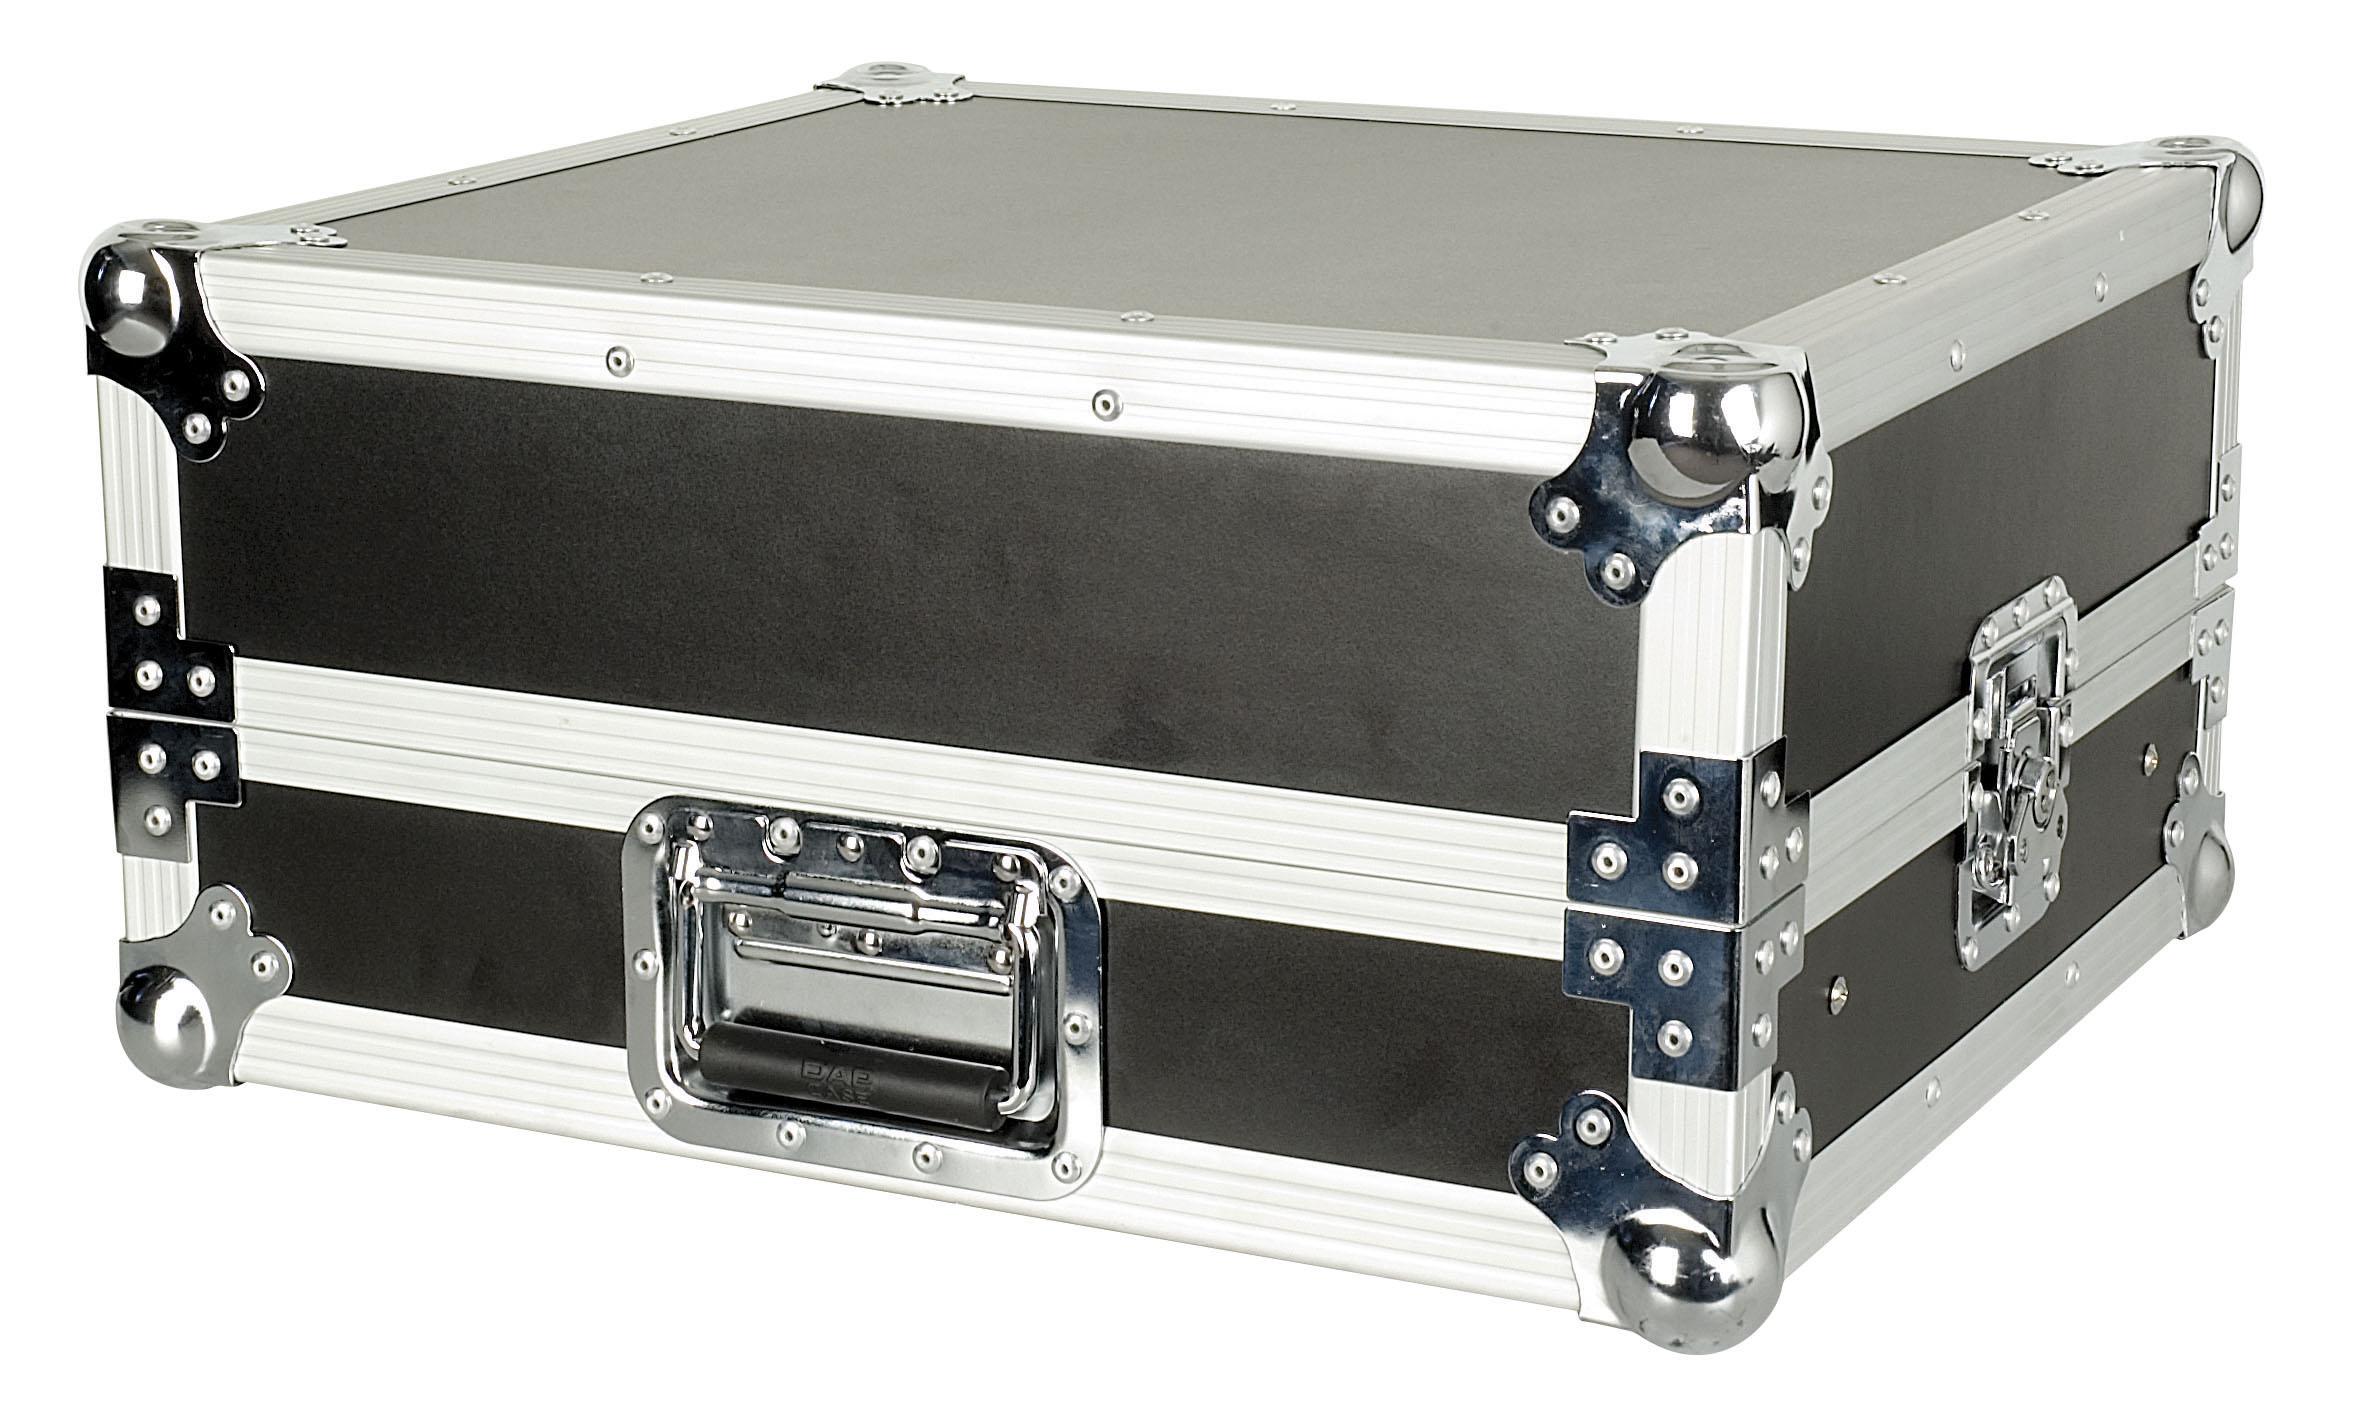 DAP-Audio 19 Mixer Case 9U with shelf 239301